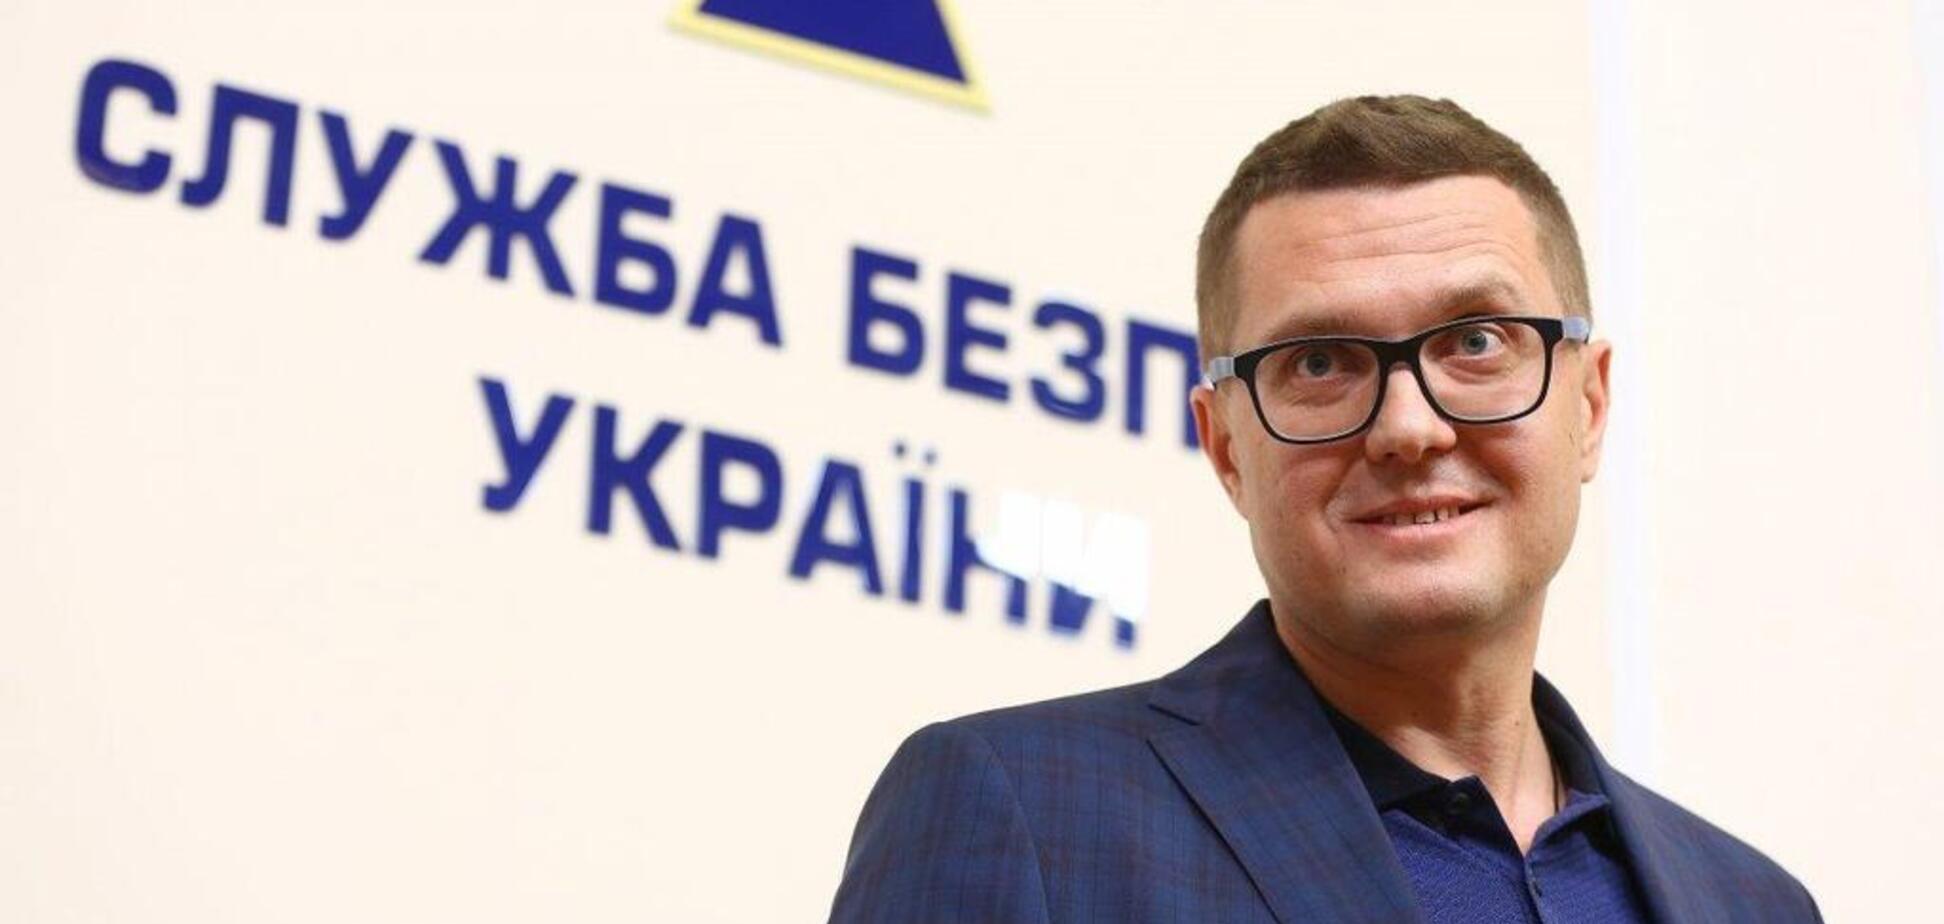 СБУ спіймала 'на гарячому' агента Путіна: подробиці спецоперації